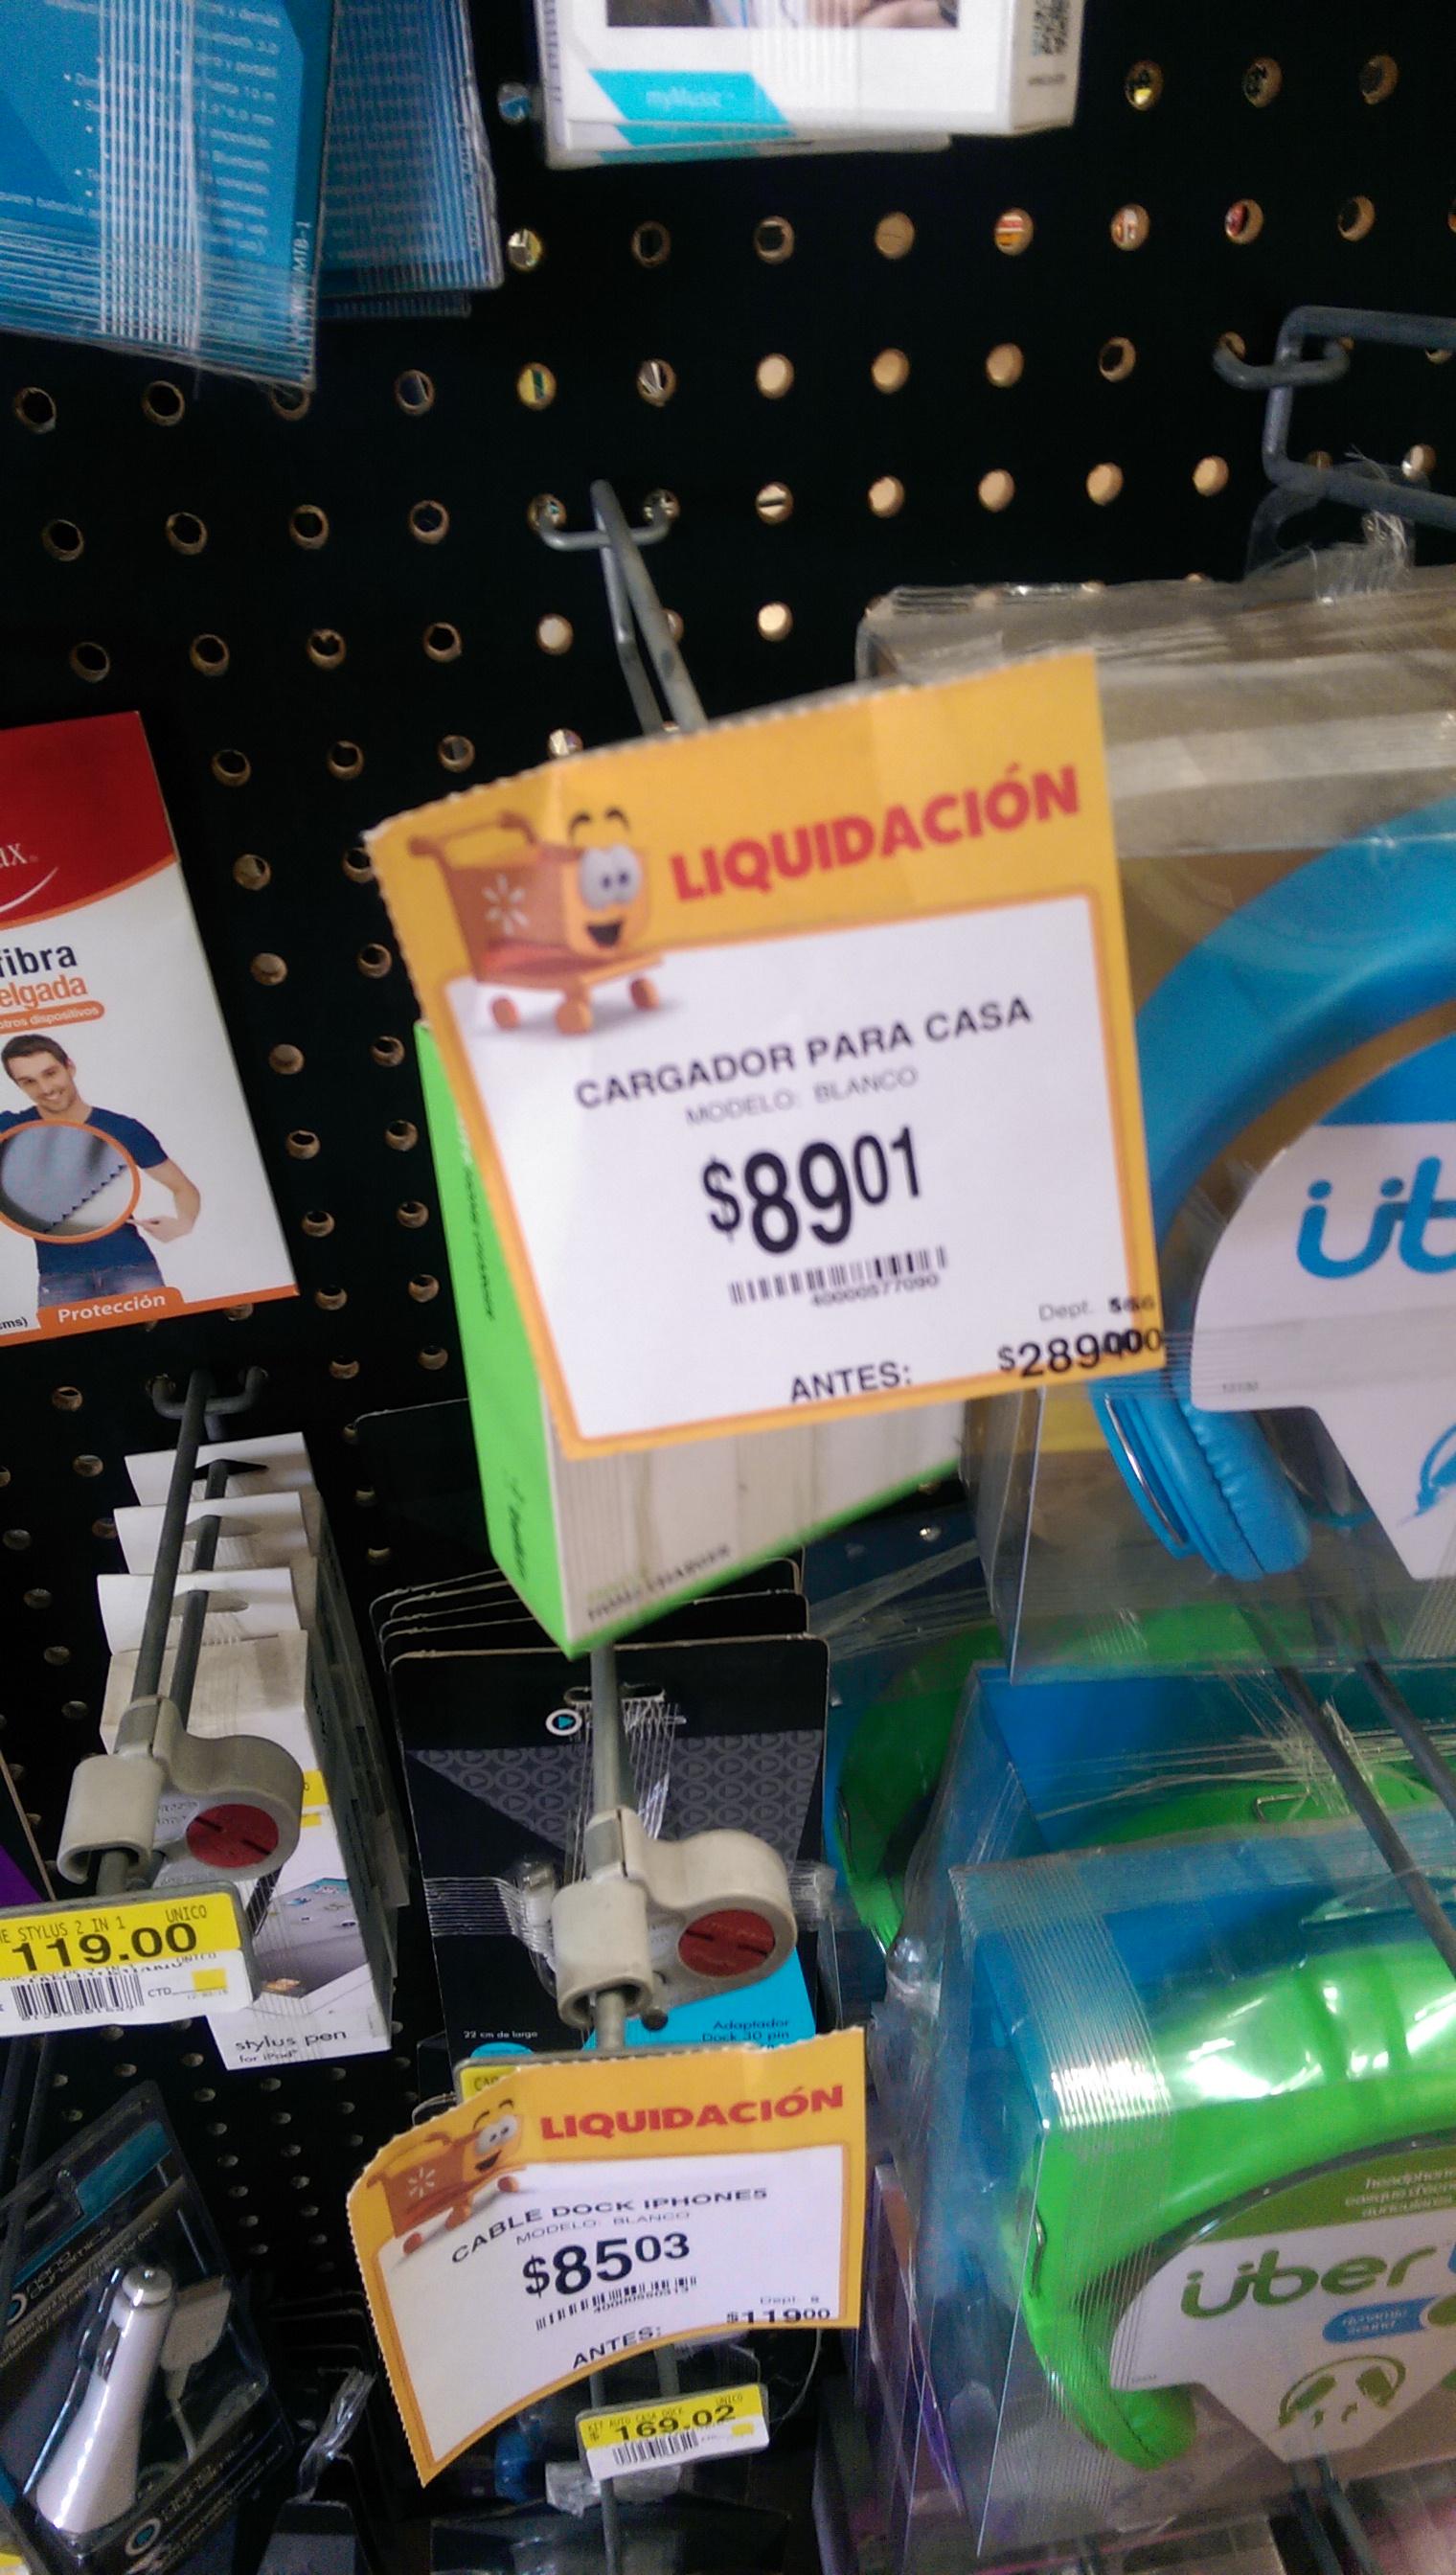 Walmart Colon Gdl. Cargador Belkin de pared $89.01